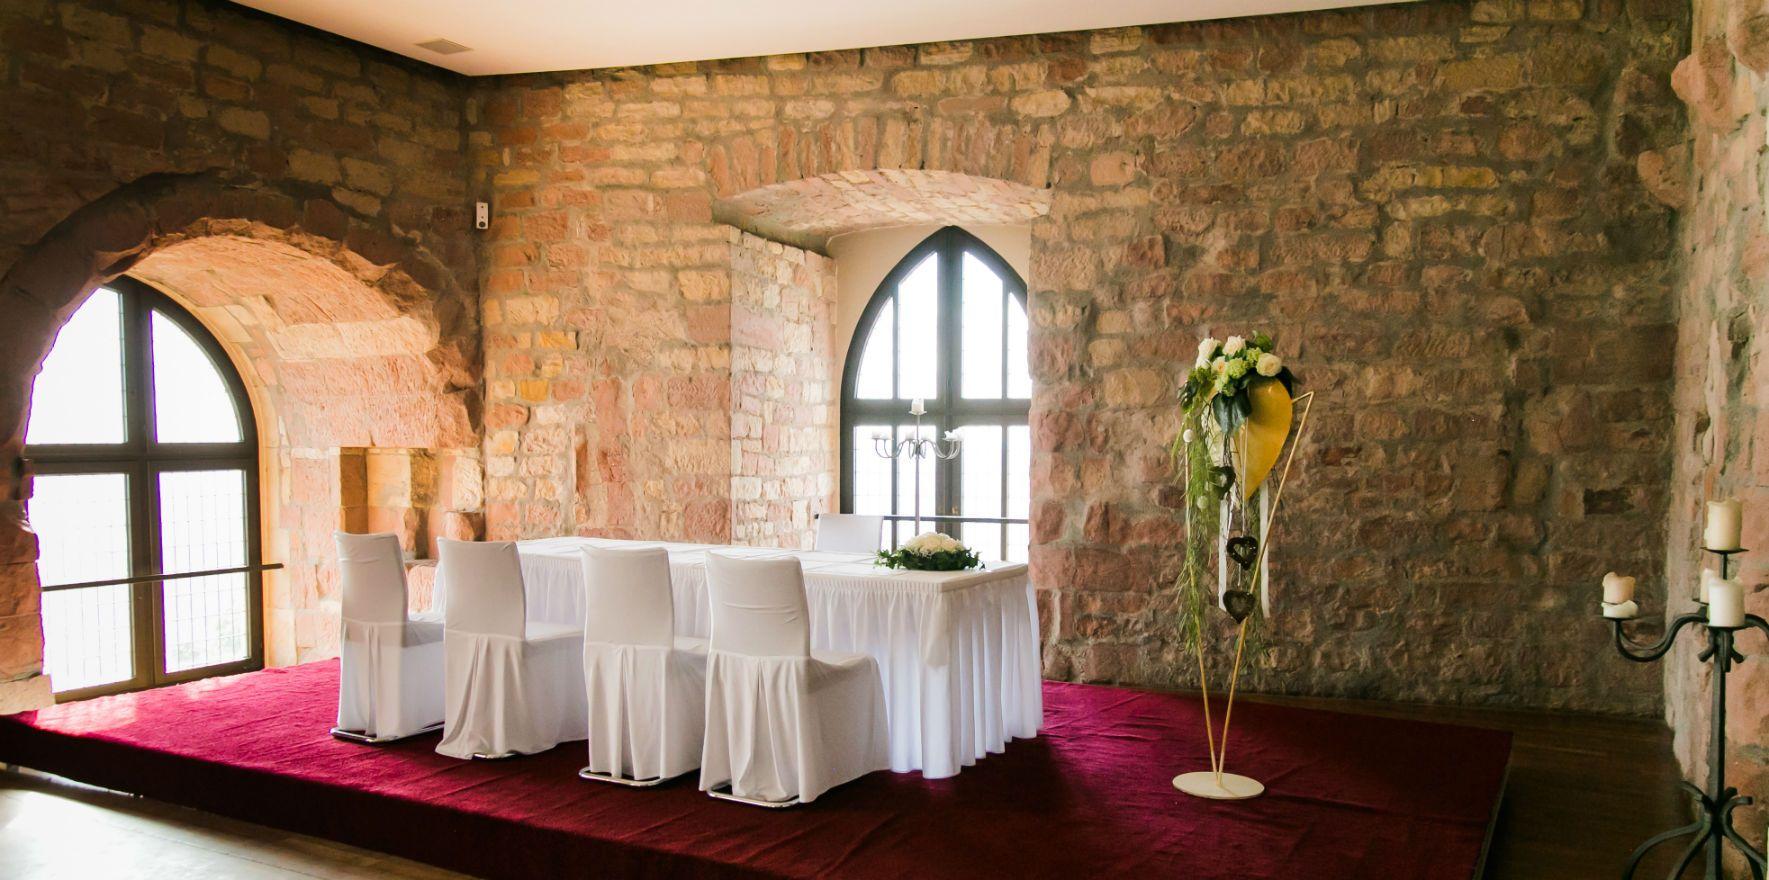 Trauung Im Hambacher Schloss In Der Pfalz Hochzeitslocation Hambacher Schloss Klicke Auf Das Bild Fur Mehr Infos Hambacher Schloss Schloss Trauung